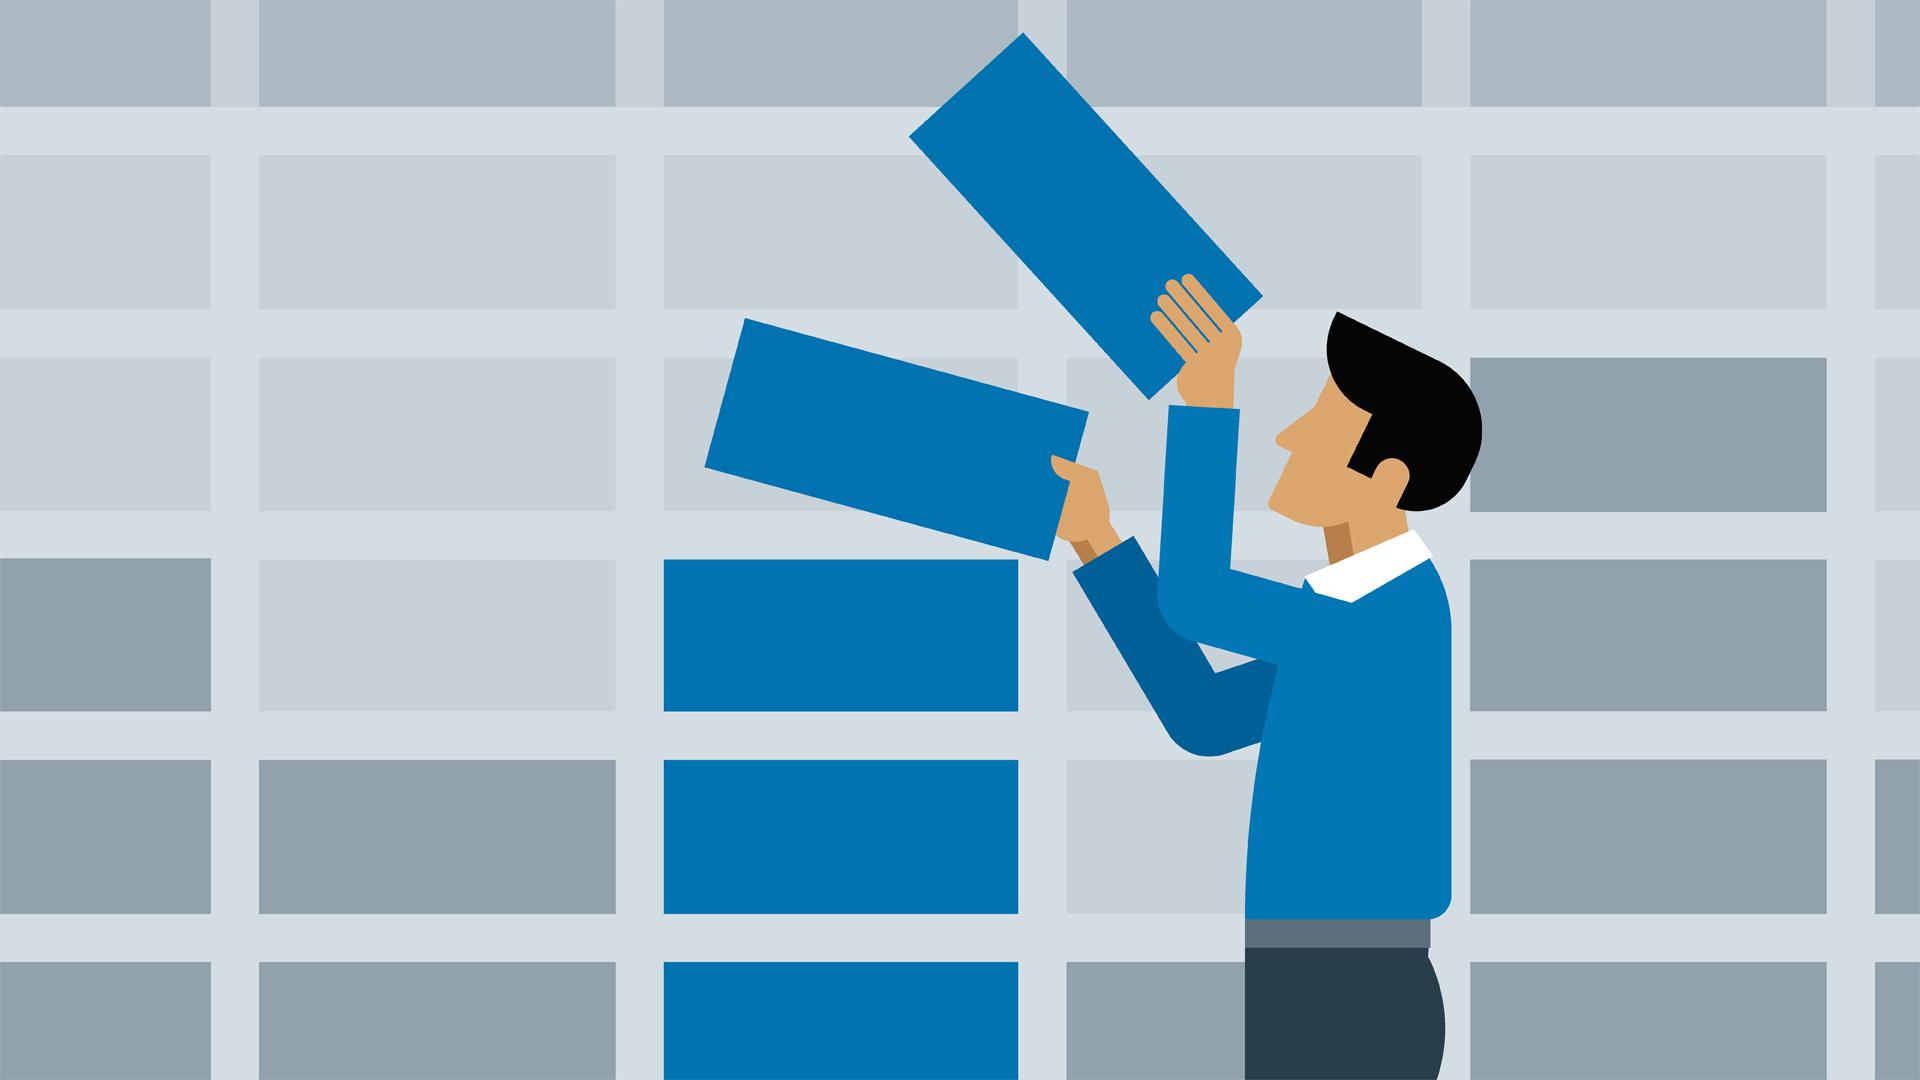 فراخوانی و مدیریت فرم ها در محیط VBA